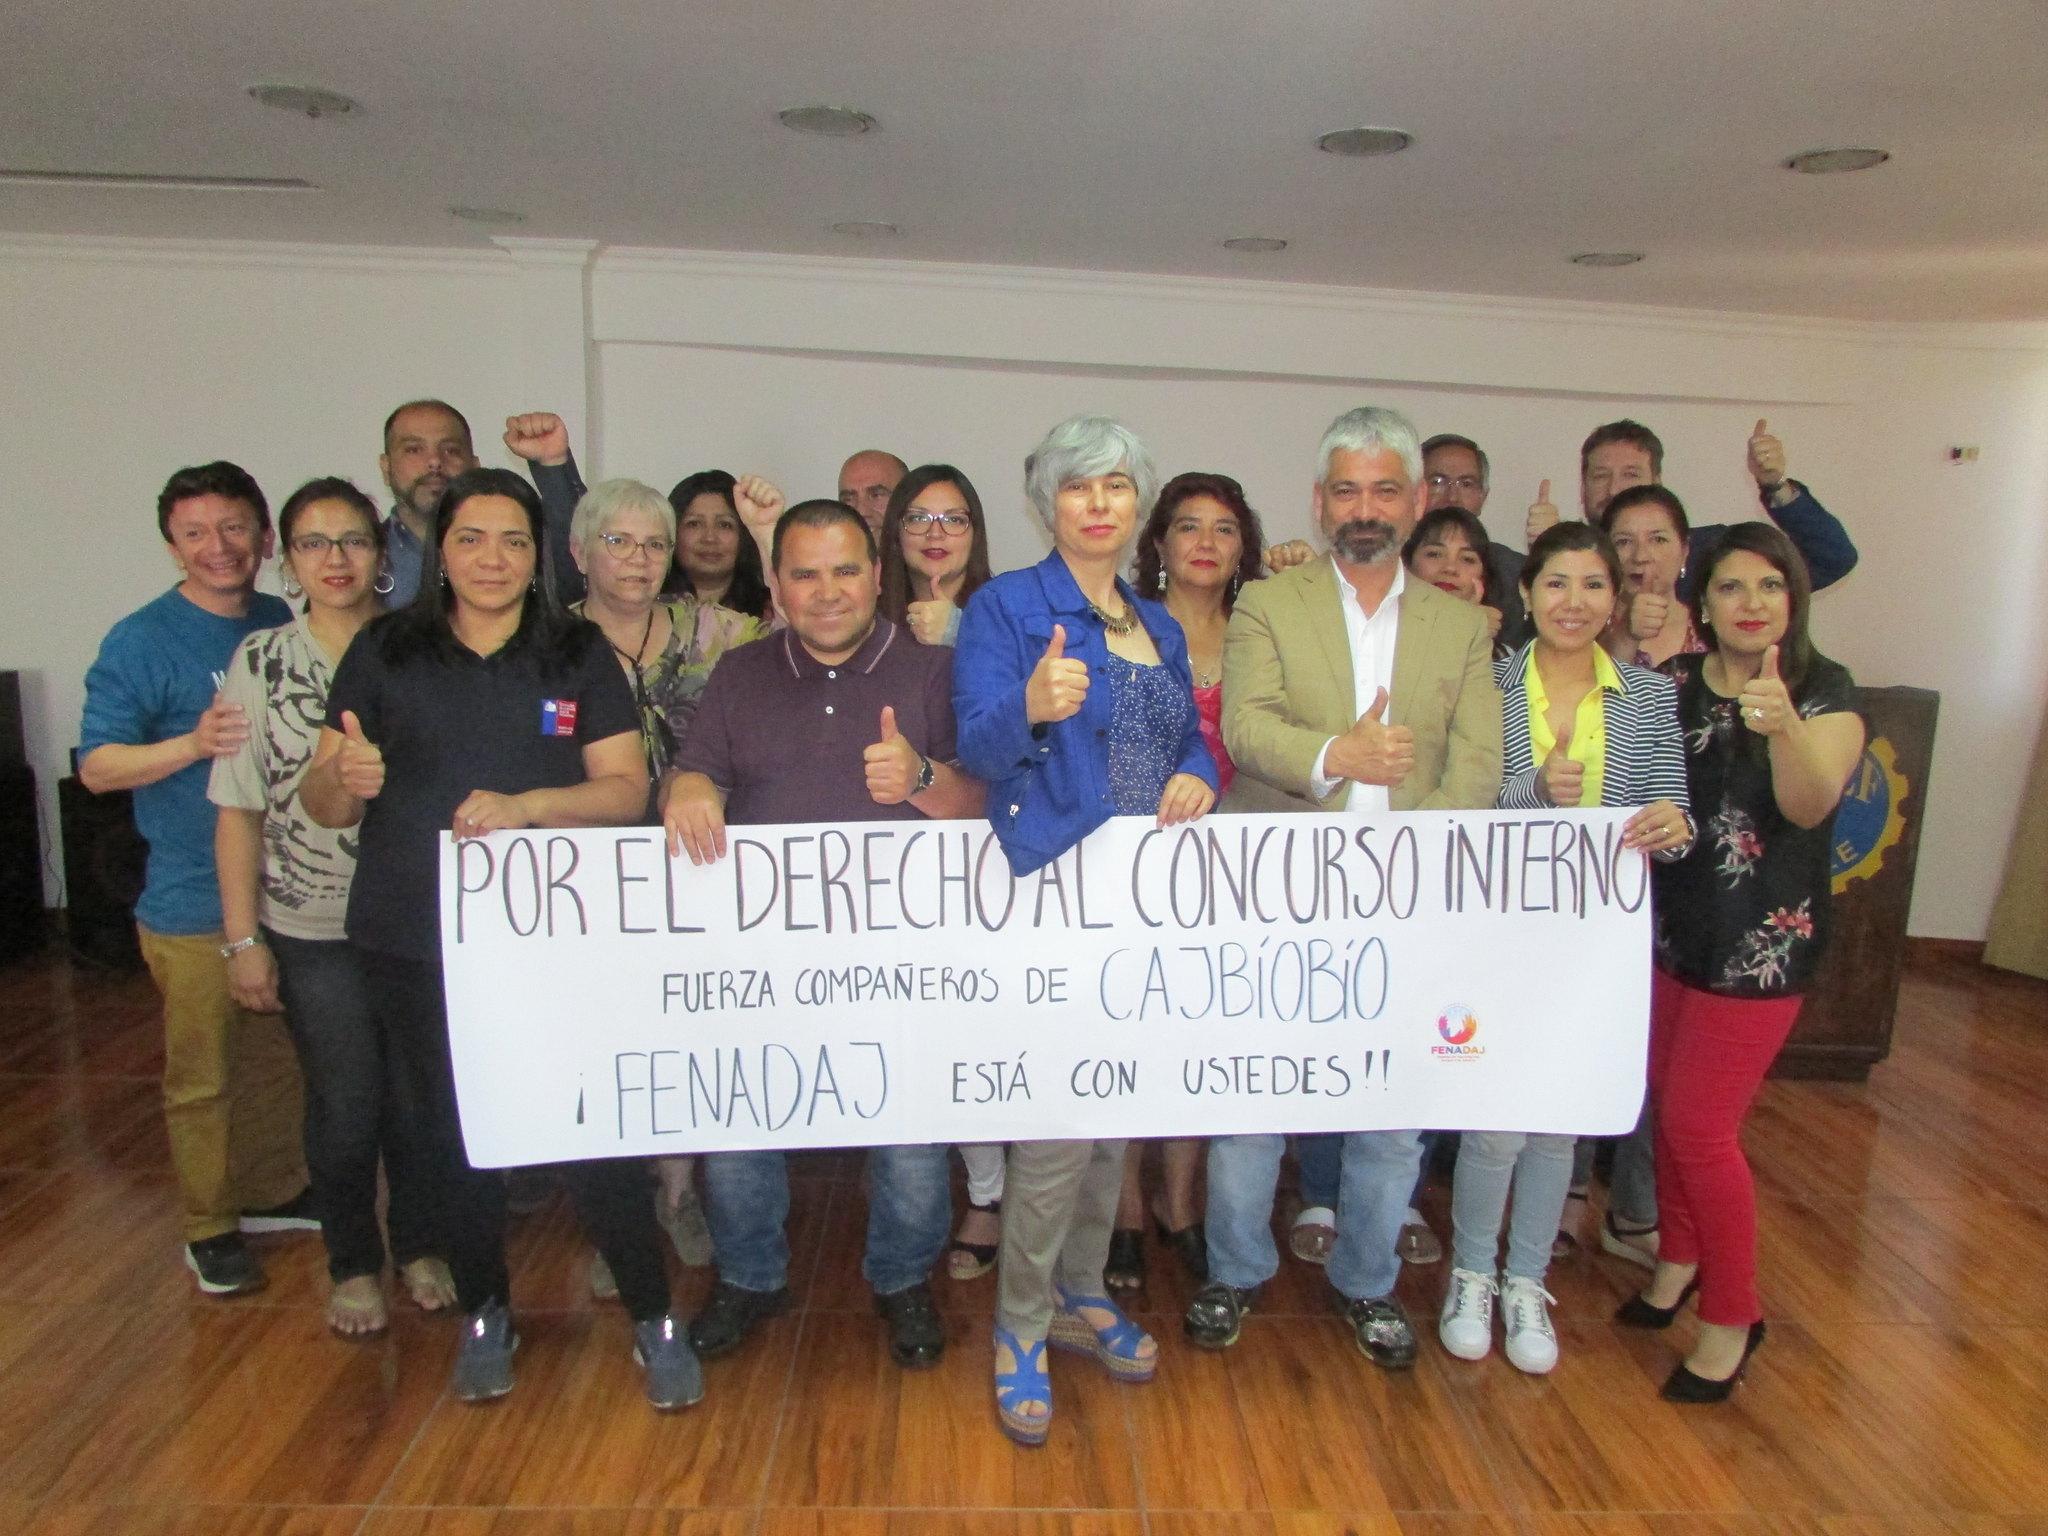 FENADAJ realiza Asamblea Ordinaria en Santiago - 29 Noviembre 2018